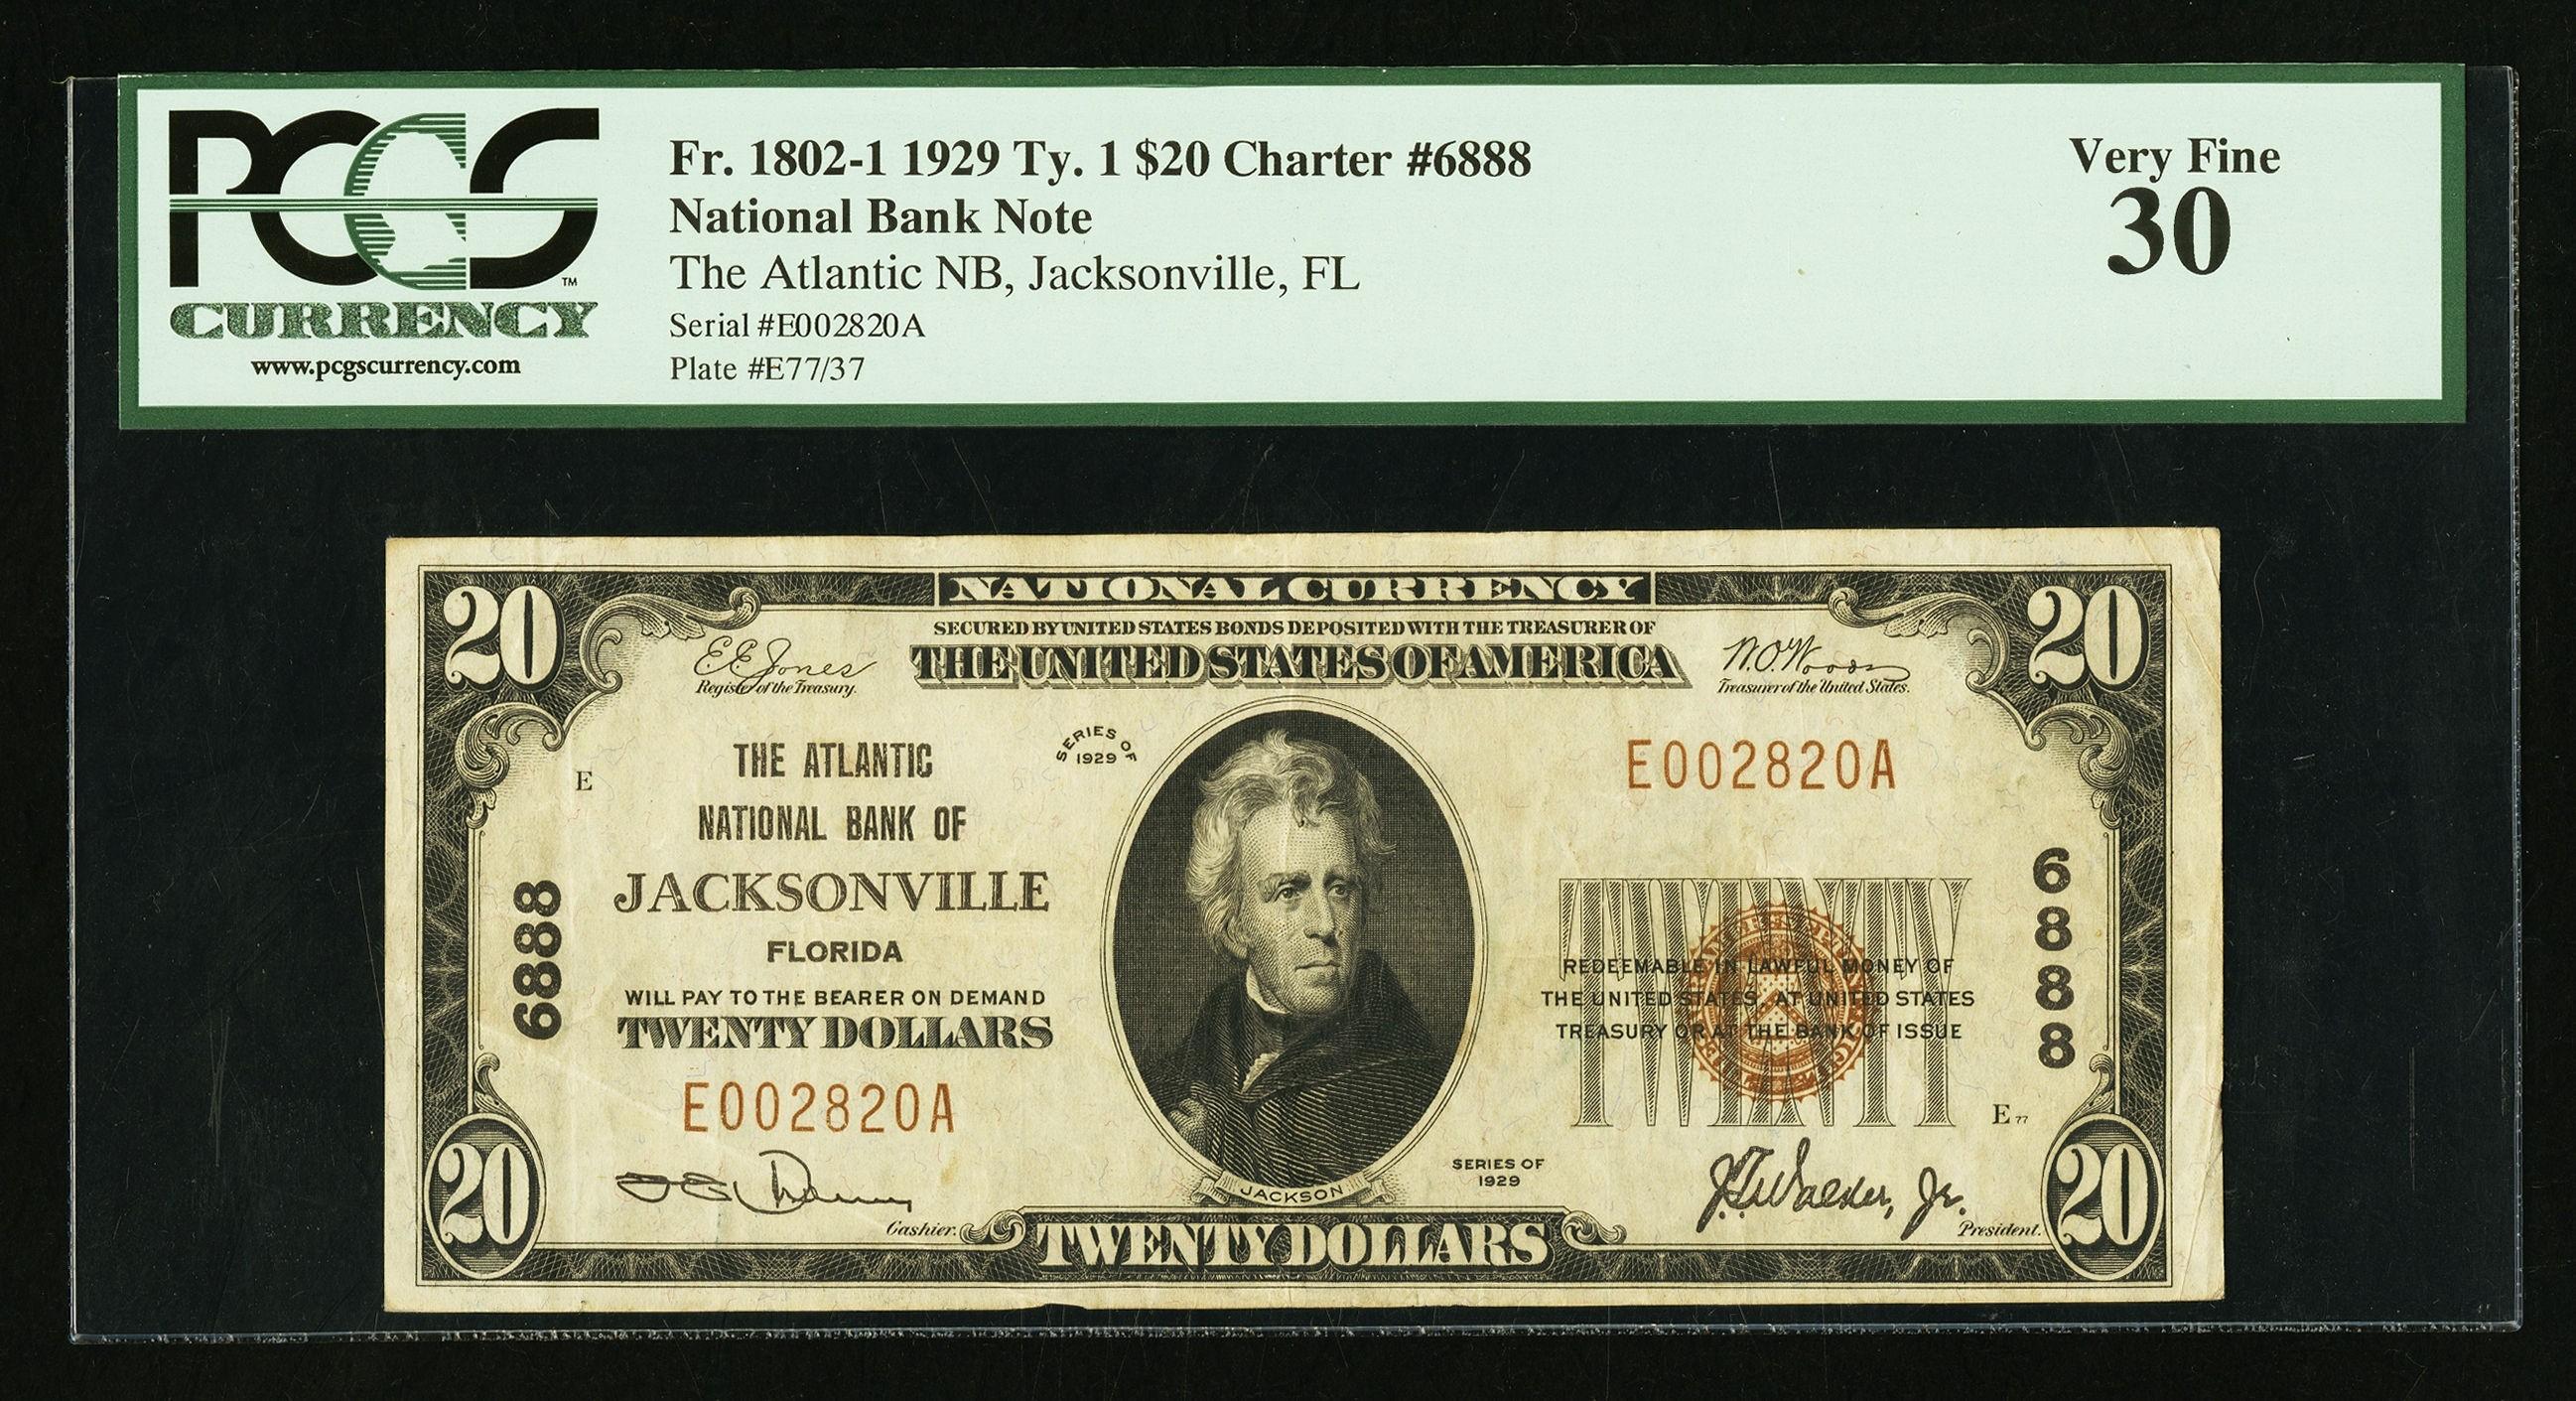 20 1929 Ty. 1 The Atlantic NB Jacksonville, FL - $20 1929 Ty. 1 $105.0.jpg